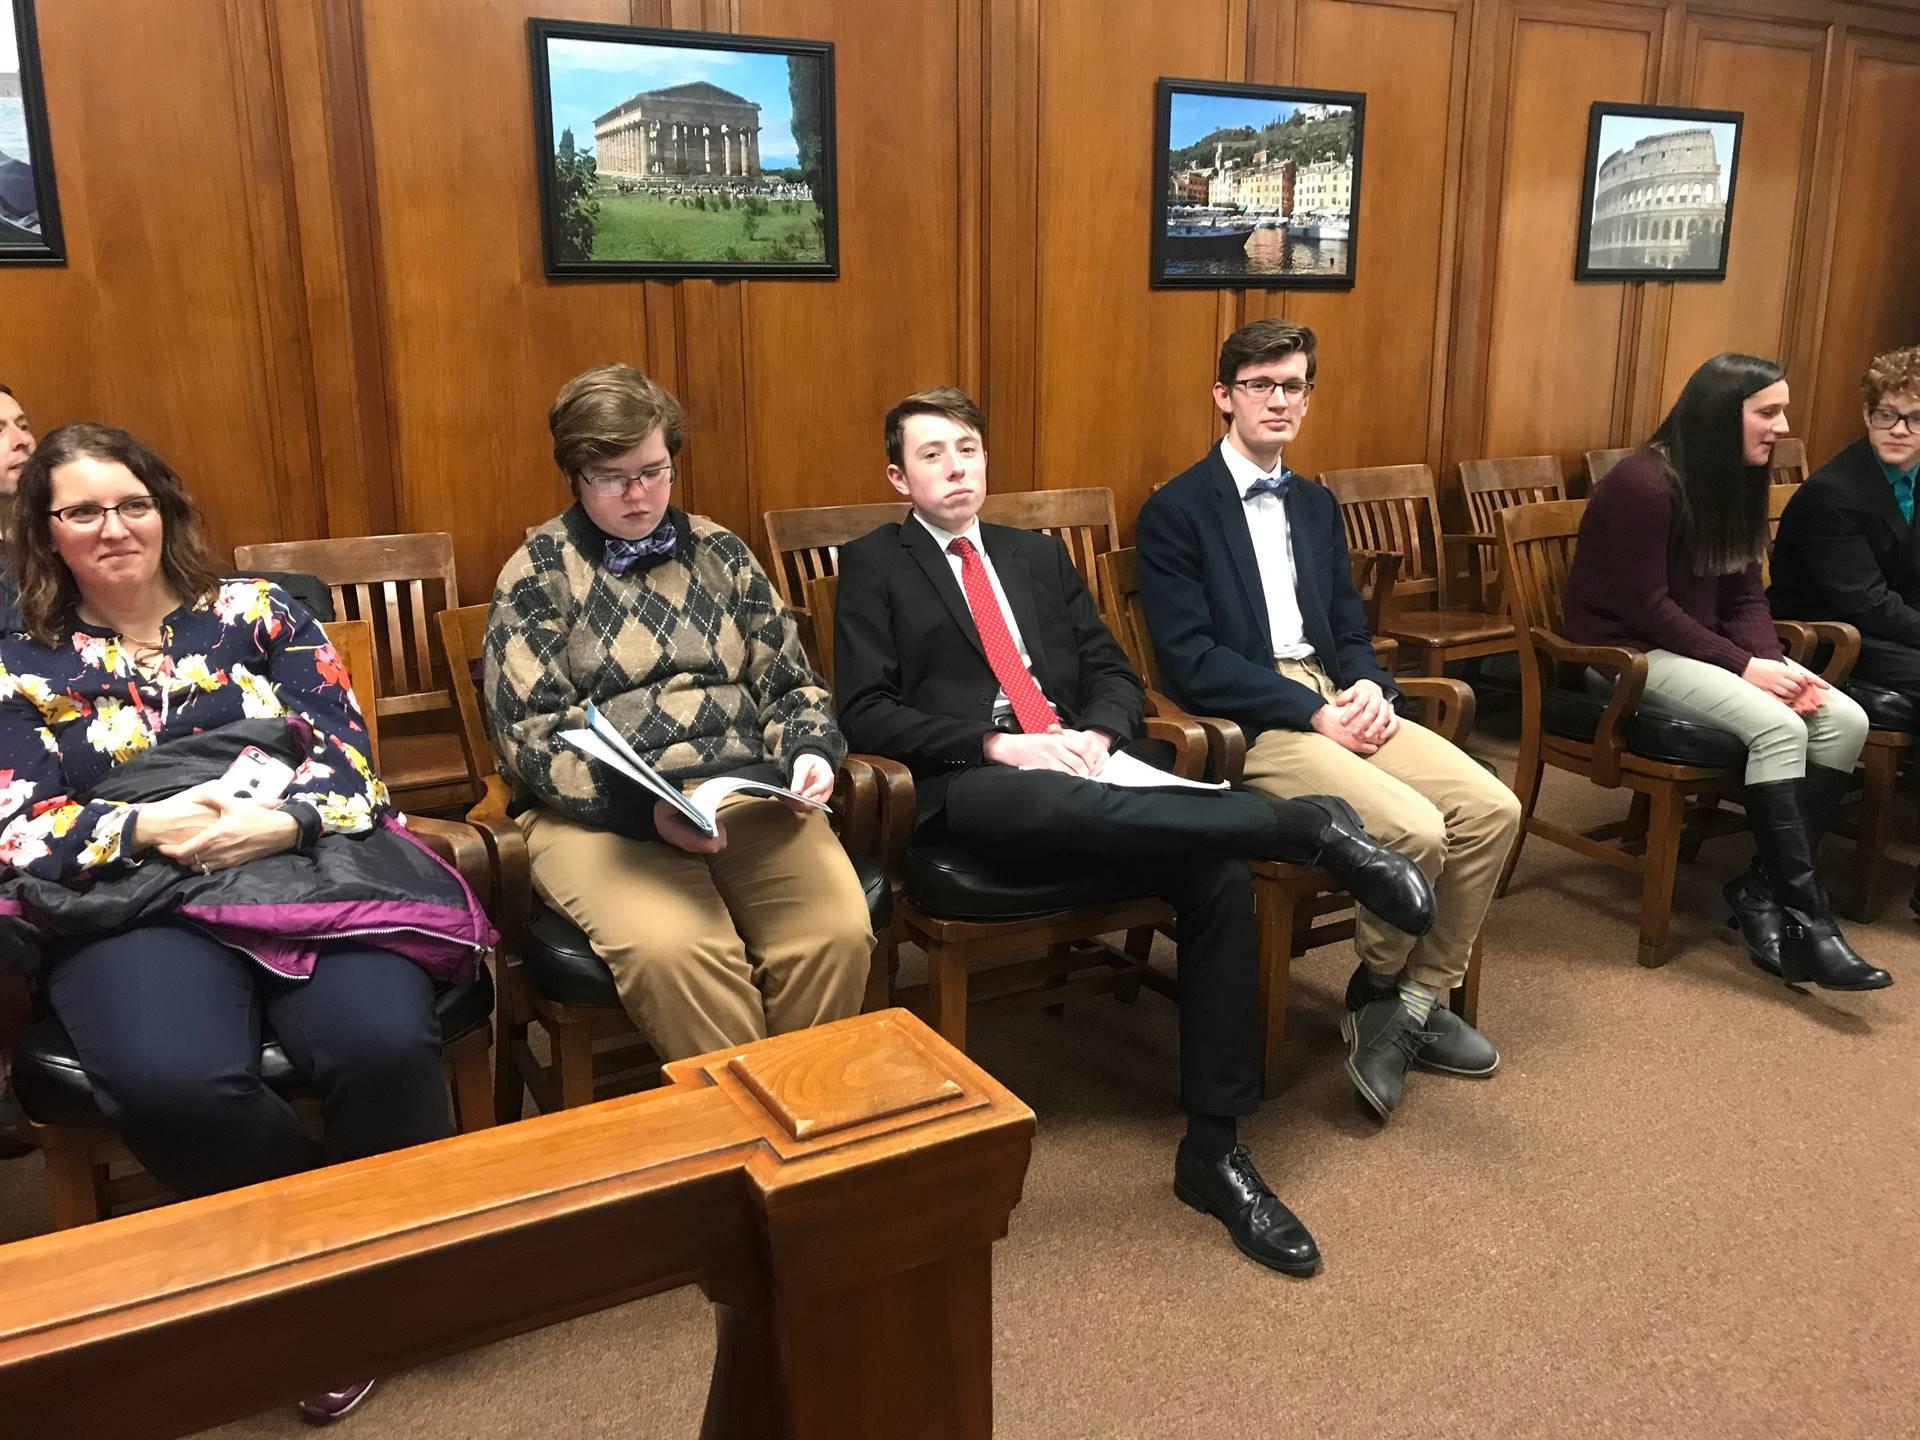 Mock Trial plaintiff team witnesses